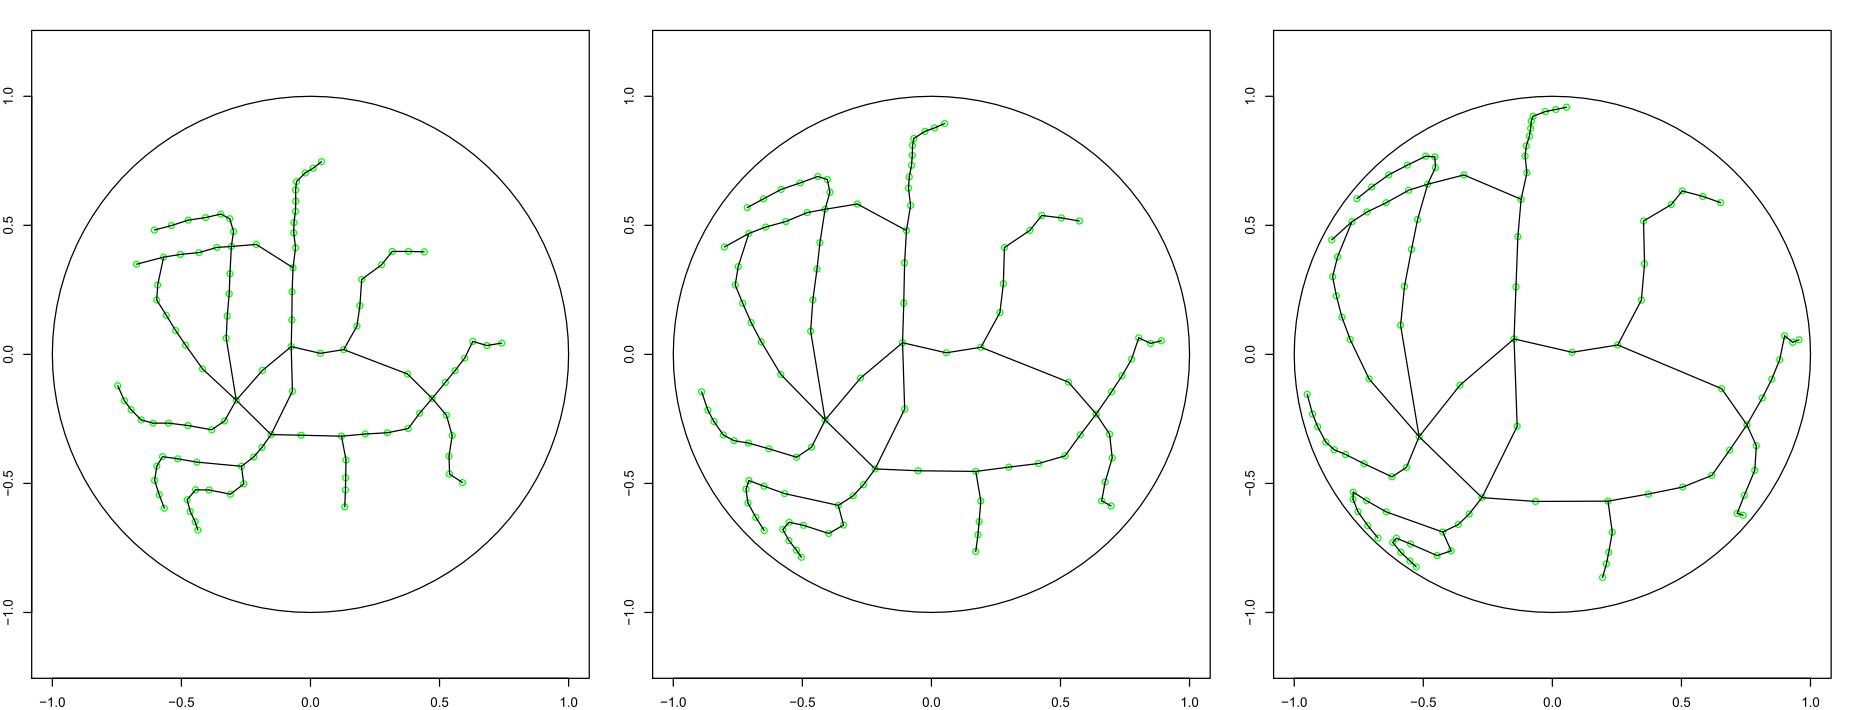 Einfluss des Zoomfaktors auf die Startansicht